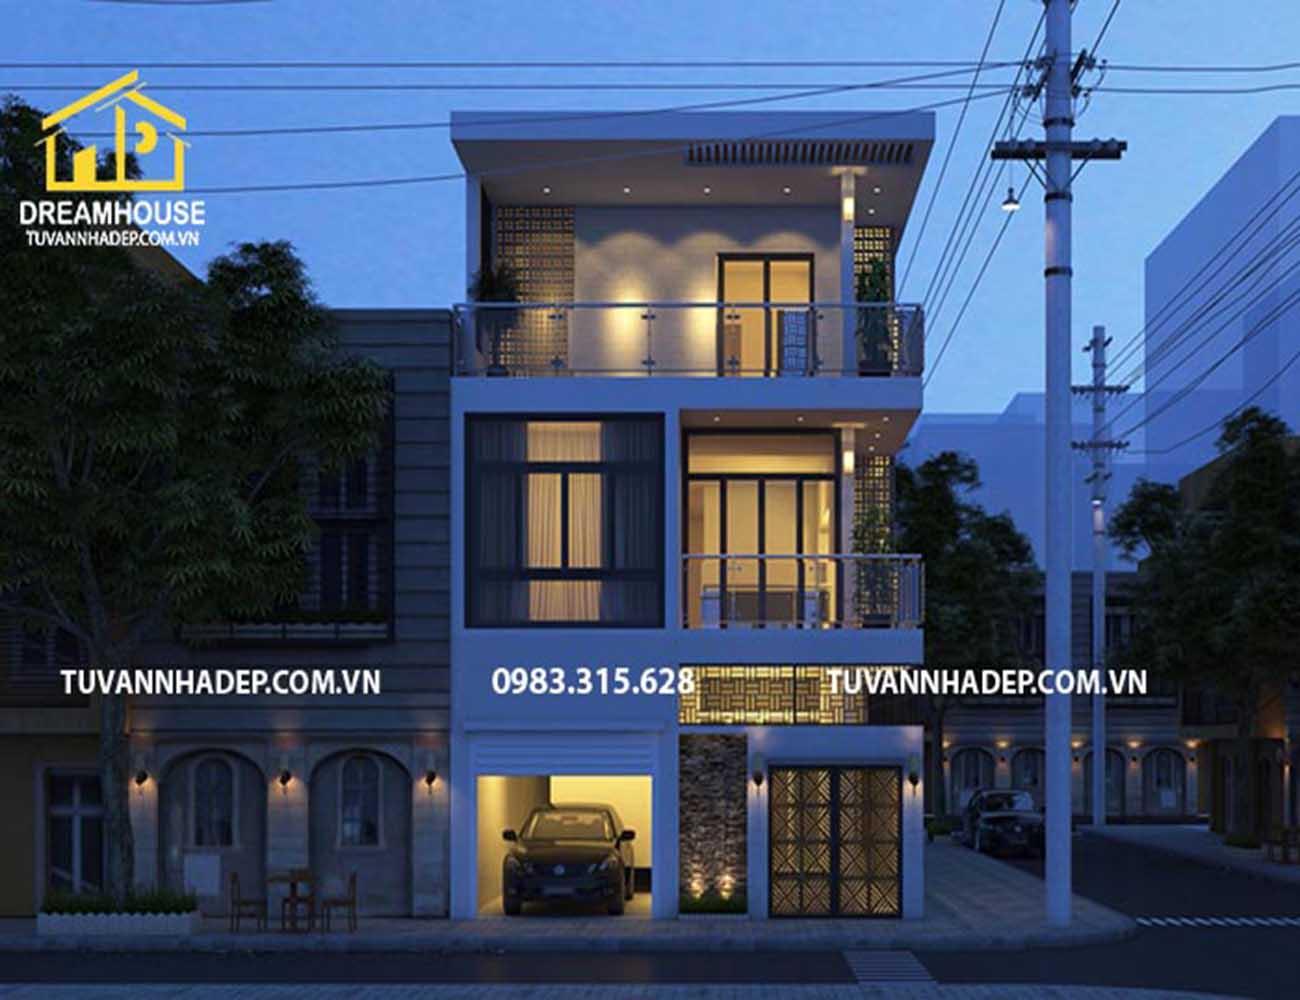 Tư vấn thiết kế mẫu nhà phố mặt tiền 8m 2 tầng đẹp hiện đại